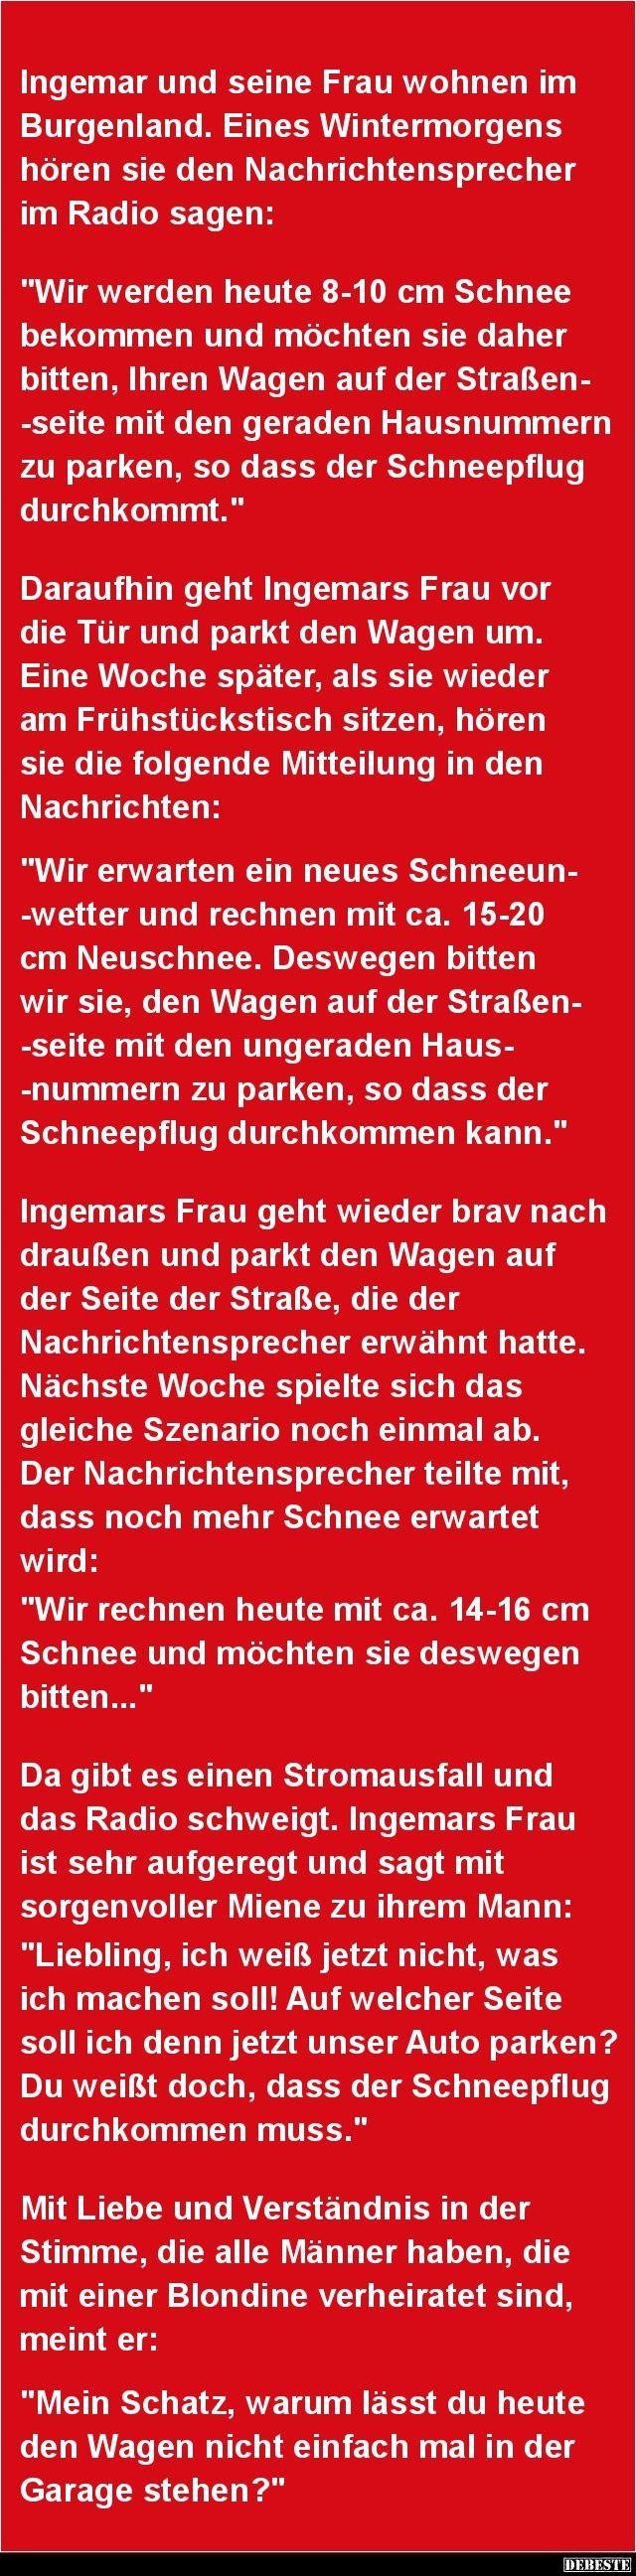 Lustige Weihnachtslieder Texte.Ingemar Und Seine Frau Wohnen Im Burgenland Debeste De